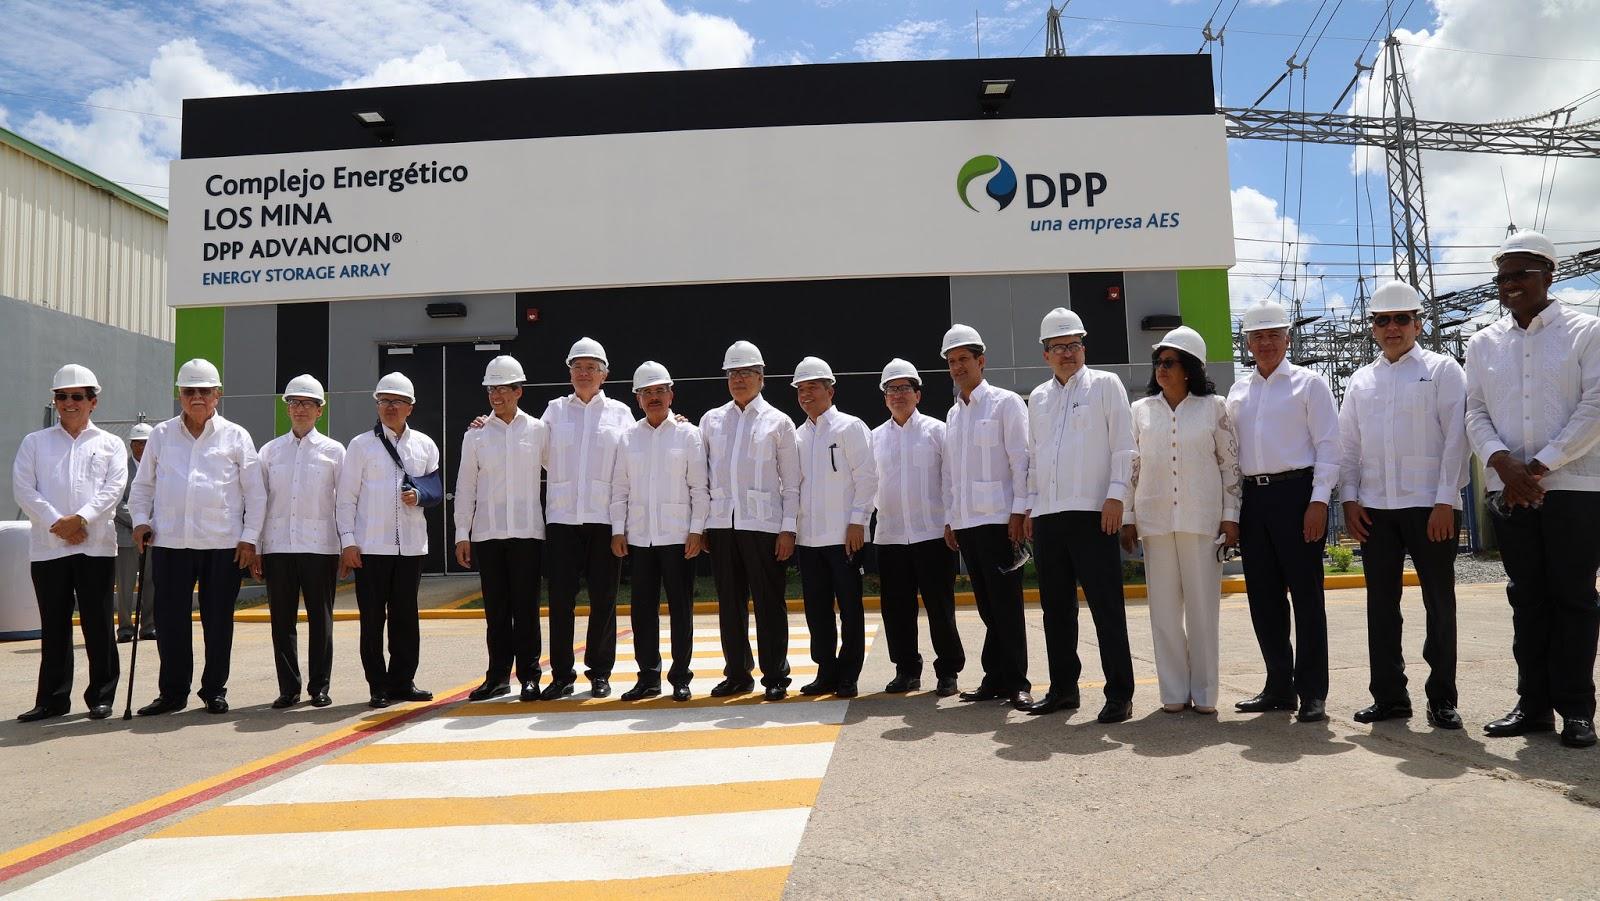 Unidad Los Mina VII: 114 megavatios de energía limpia. Danilo asiste a inauguración